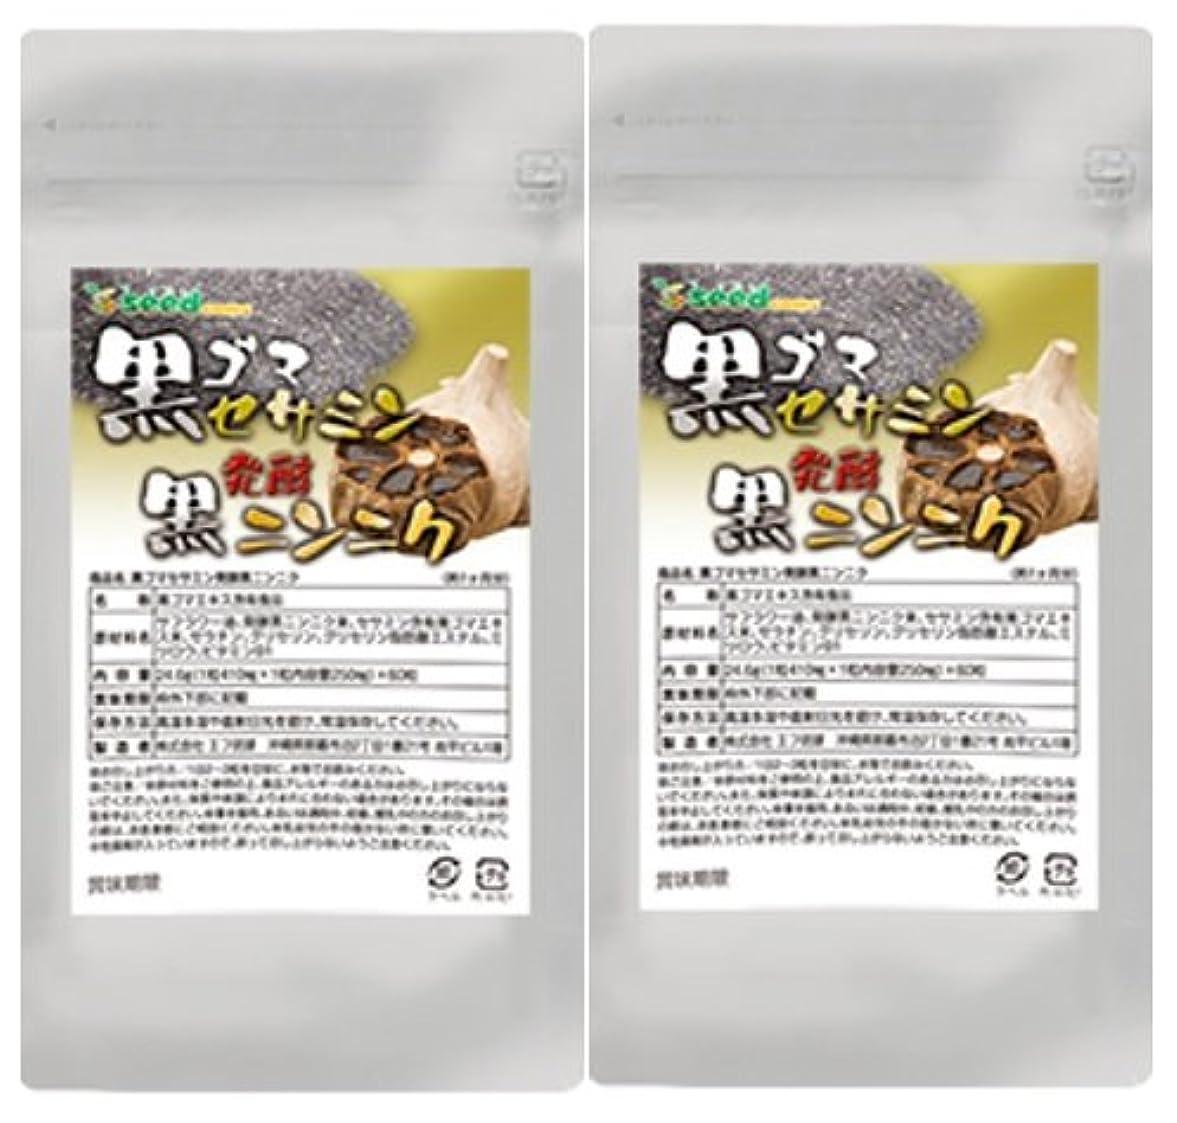 アマゾンジャングル拍手するバーチャル黒ゴマセサミン&発酵黒ニンニク (S-アリルシステイン、DATSを効率よく取り入れる) (約6ケ月分)